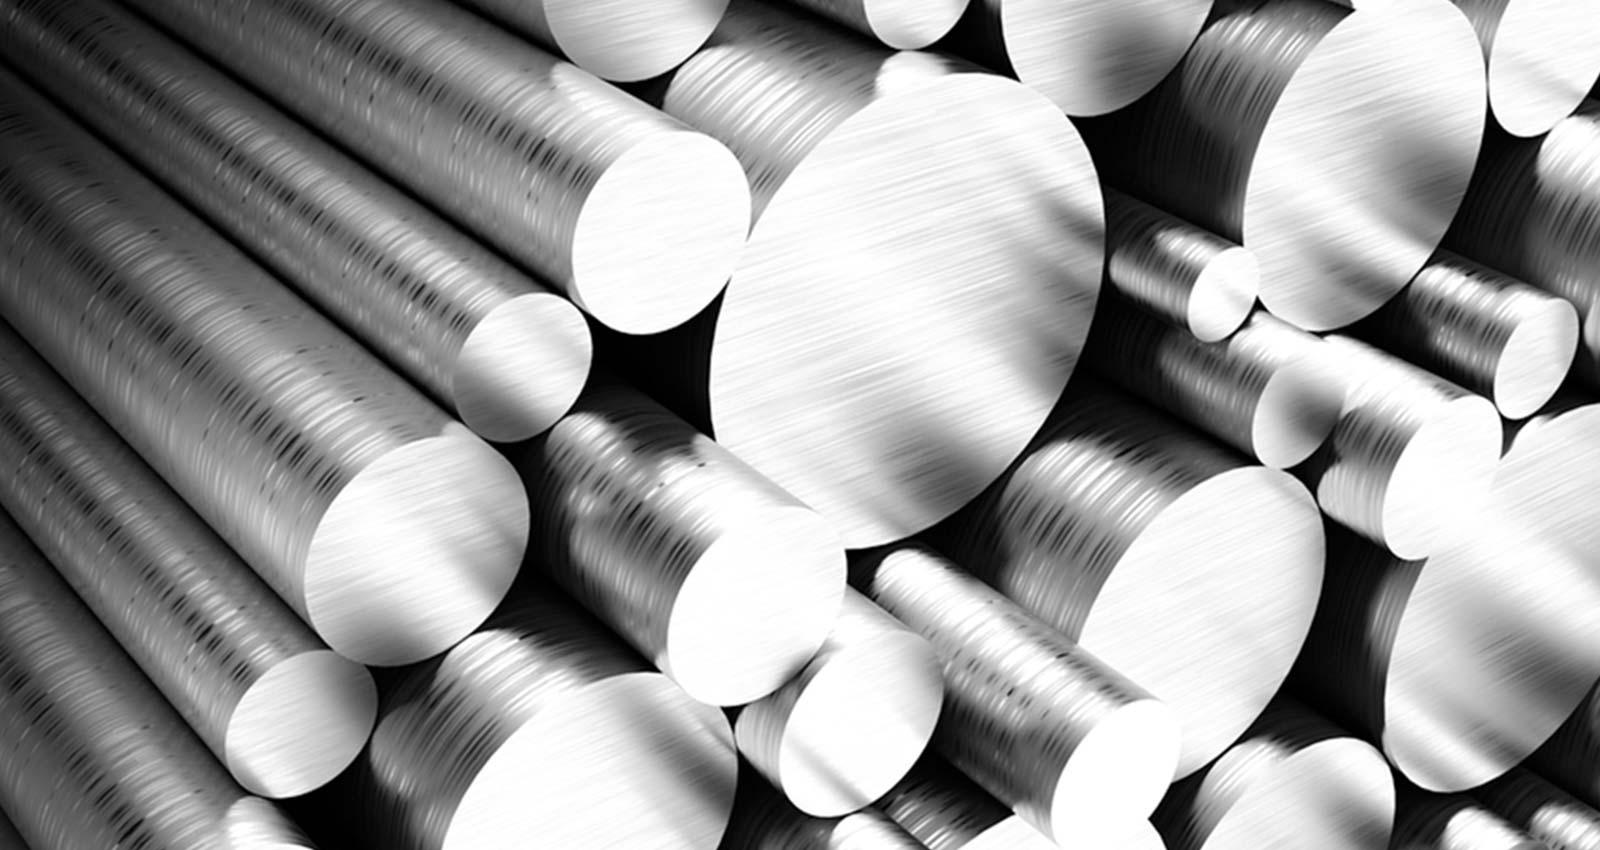 انواع متداول فولاد در صنعت تولید لوله